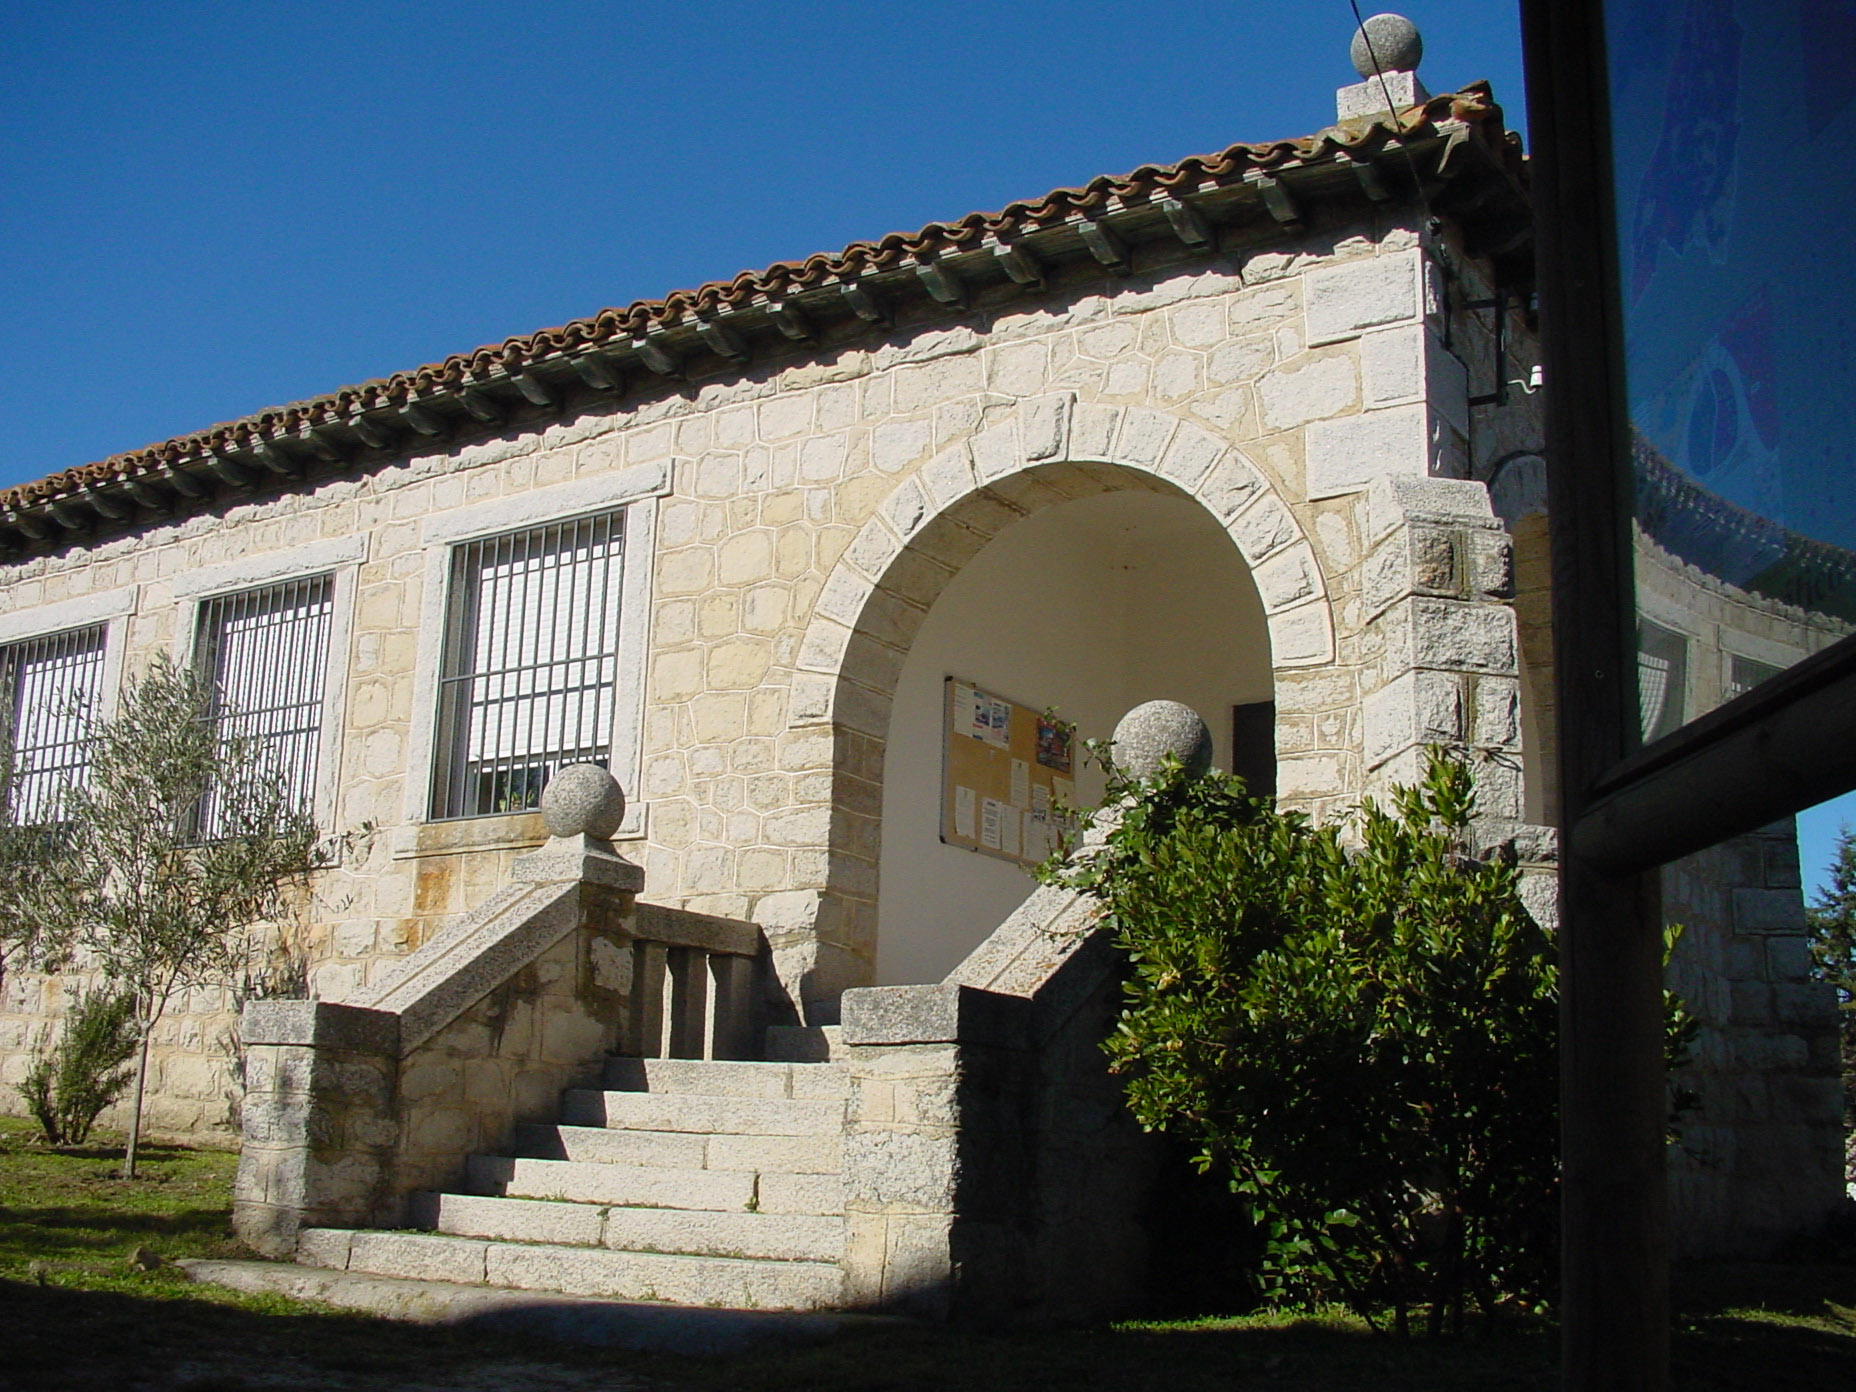 File fachada de piedra con arco y escalera en cabanillas - Fachadas de casas con piedra ...